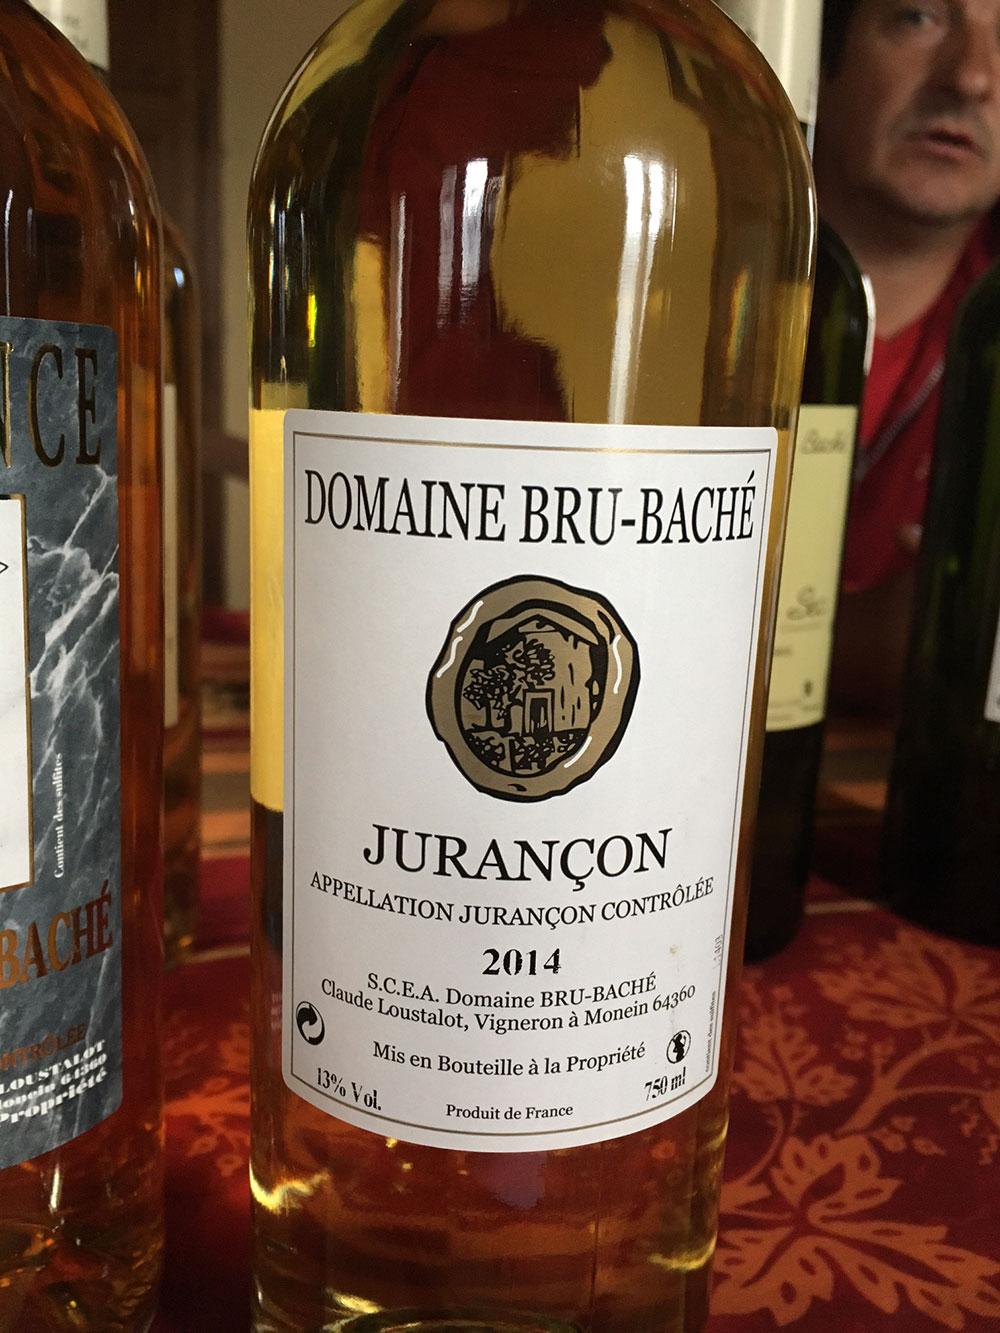 Domaine de Jurançon, Jurancon bio, Producteur de jurançon bio